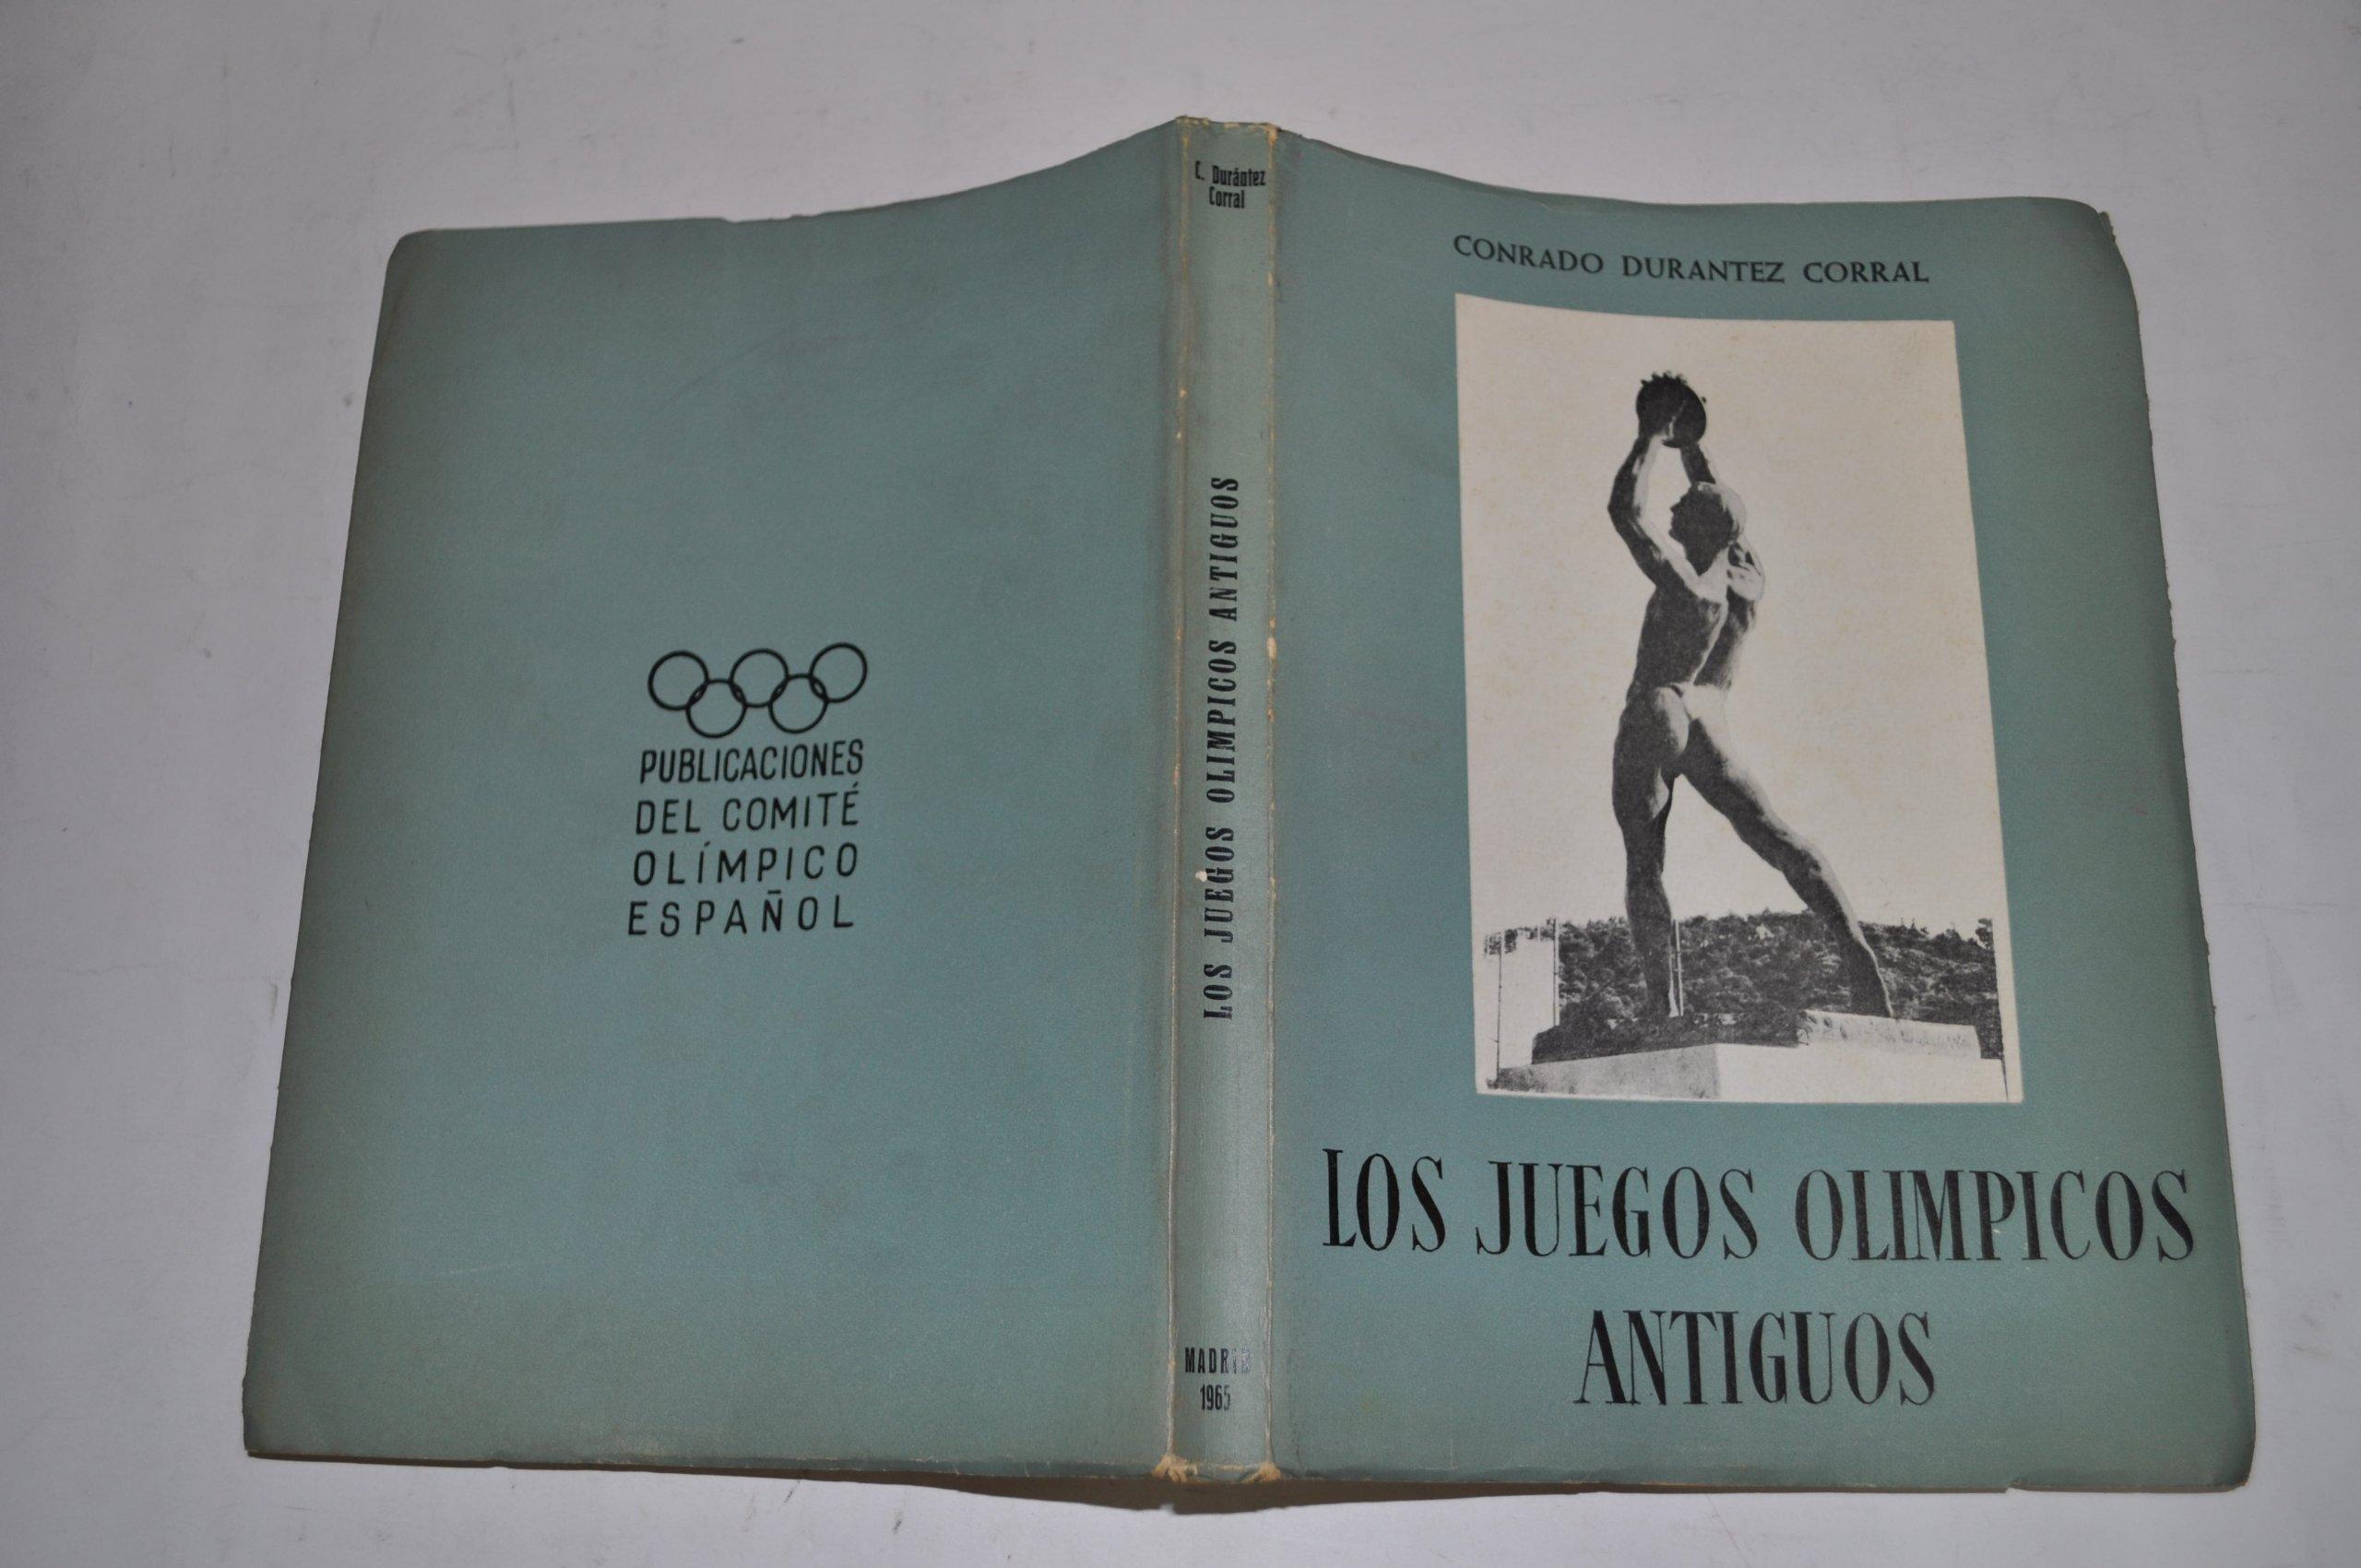 Los Juegos Olimpicos Antiguos Amazon Co Uk Conrado Durantez Corral